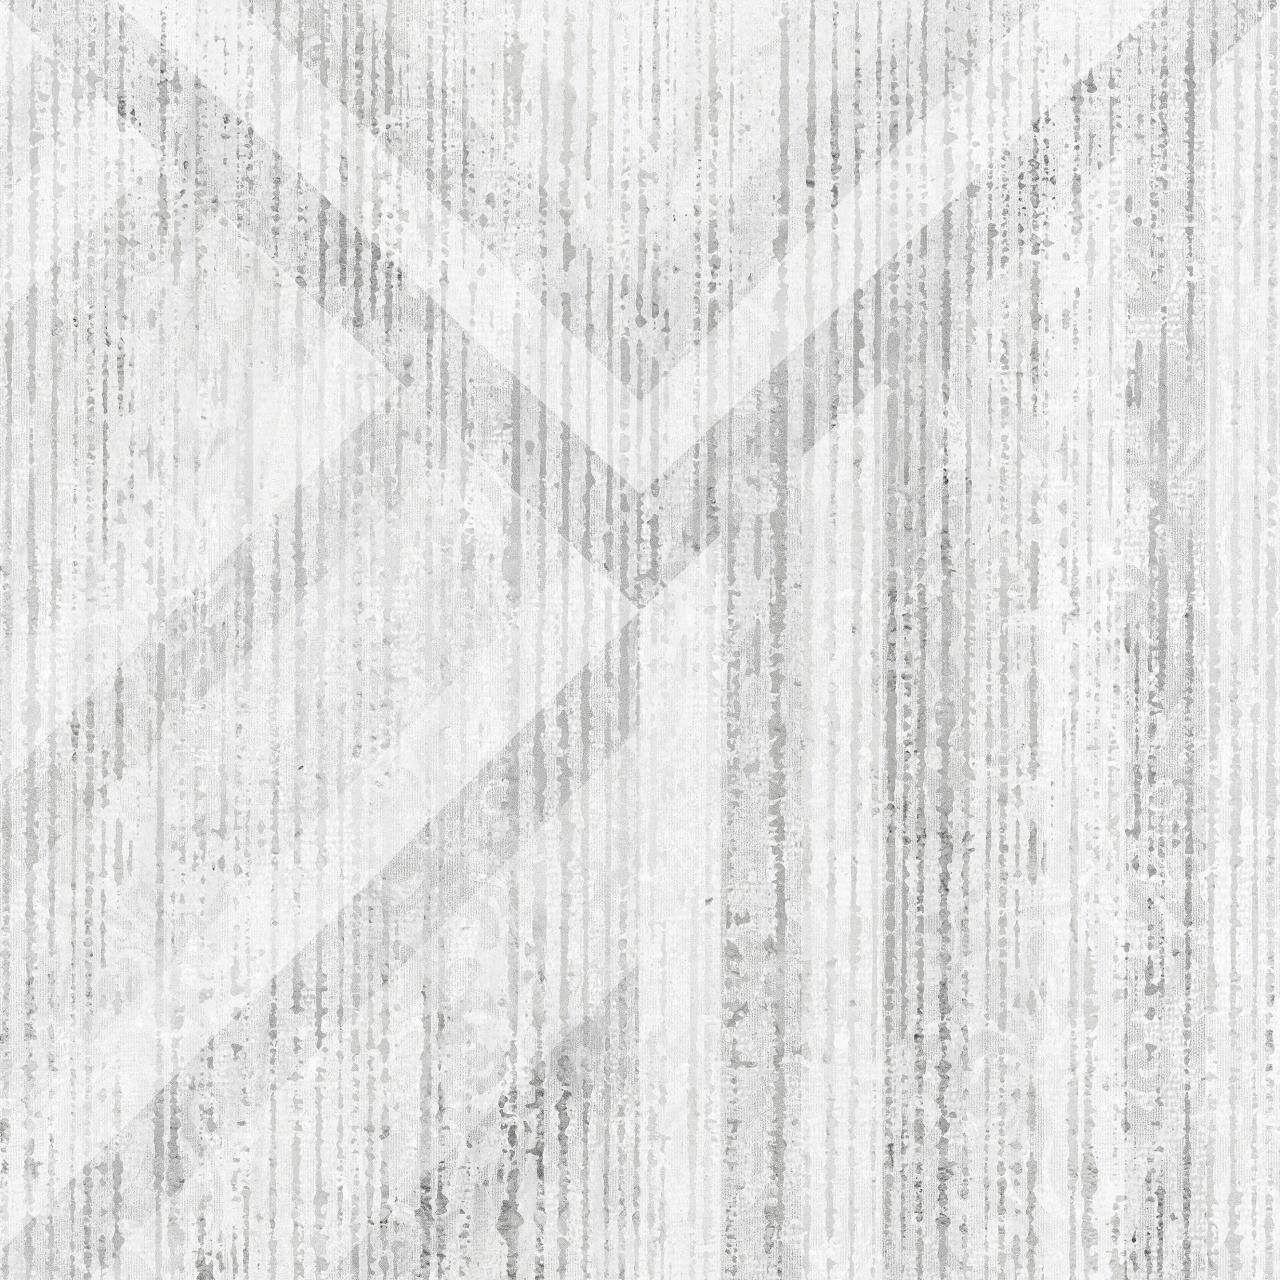 Плитка PiezaRosa Prime Серый 45x45 см 730571